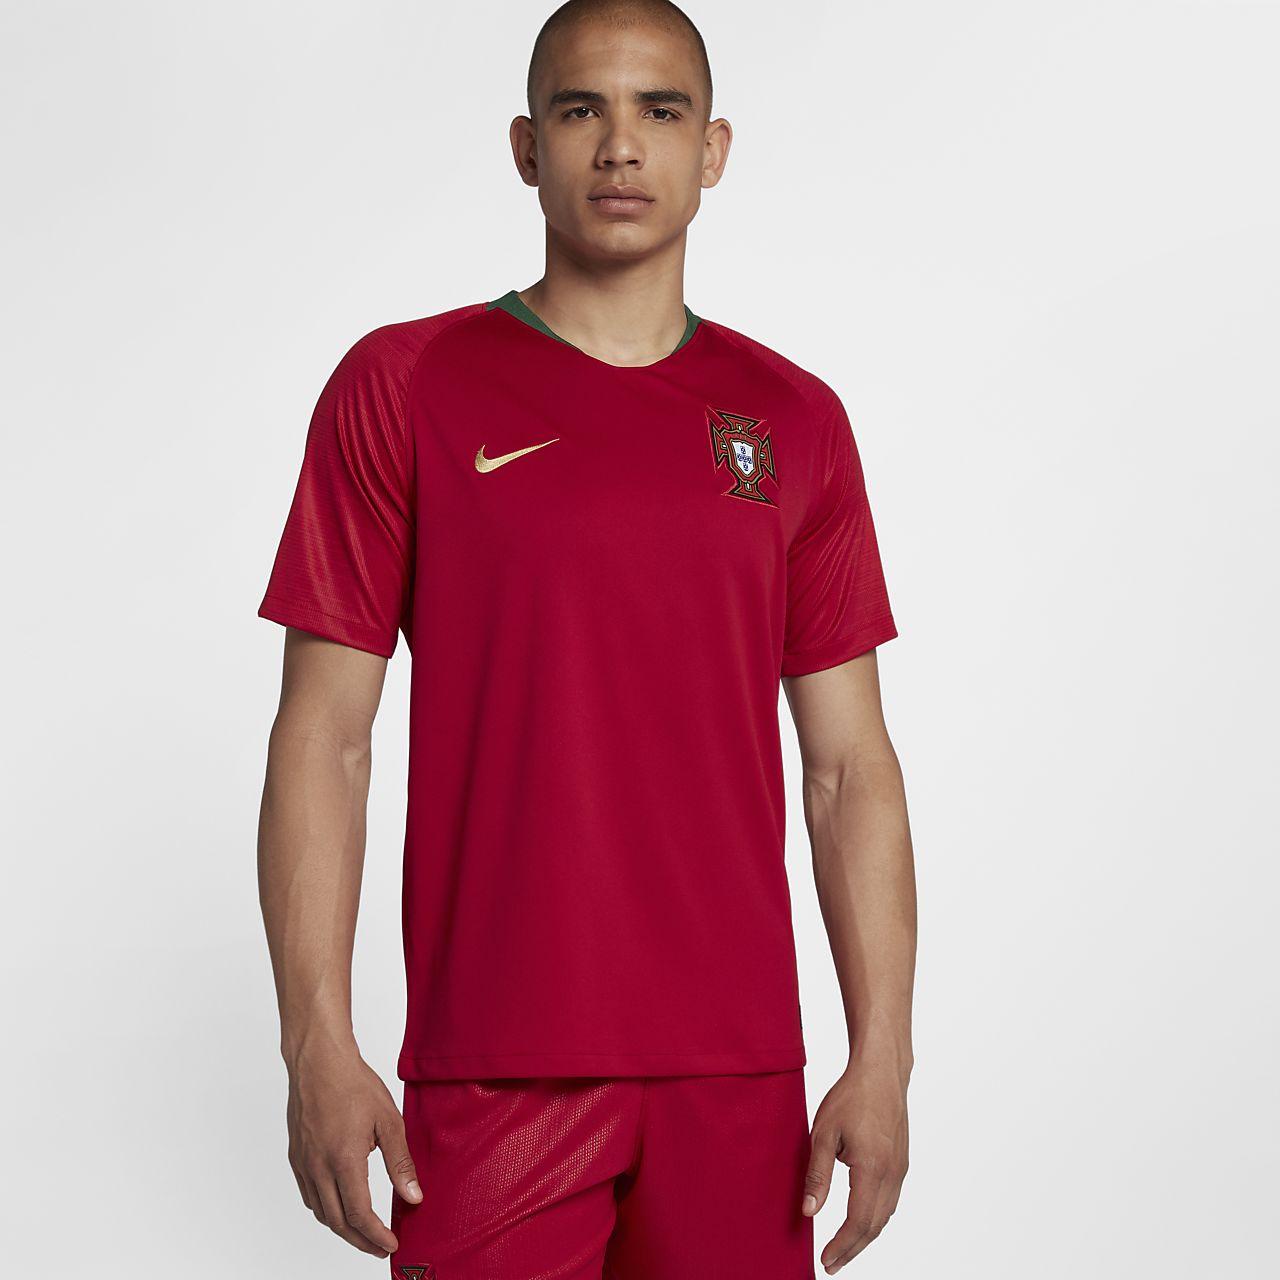 7584ff3af9 Camiseta de fútbol para hombre 2018 Portugal Stadium Home. Nike.com CL